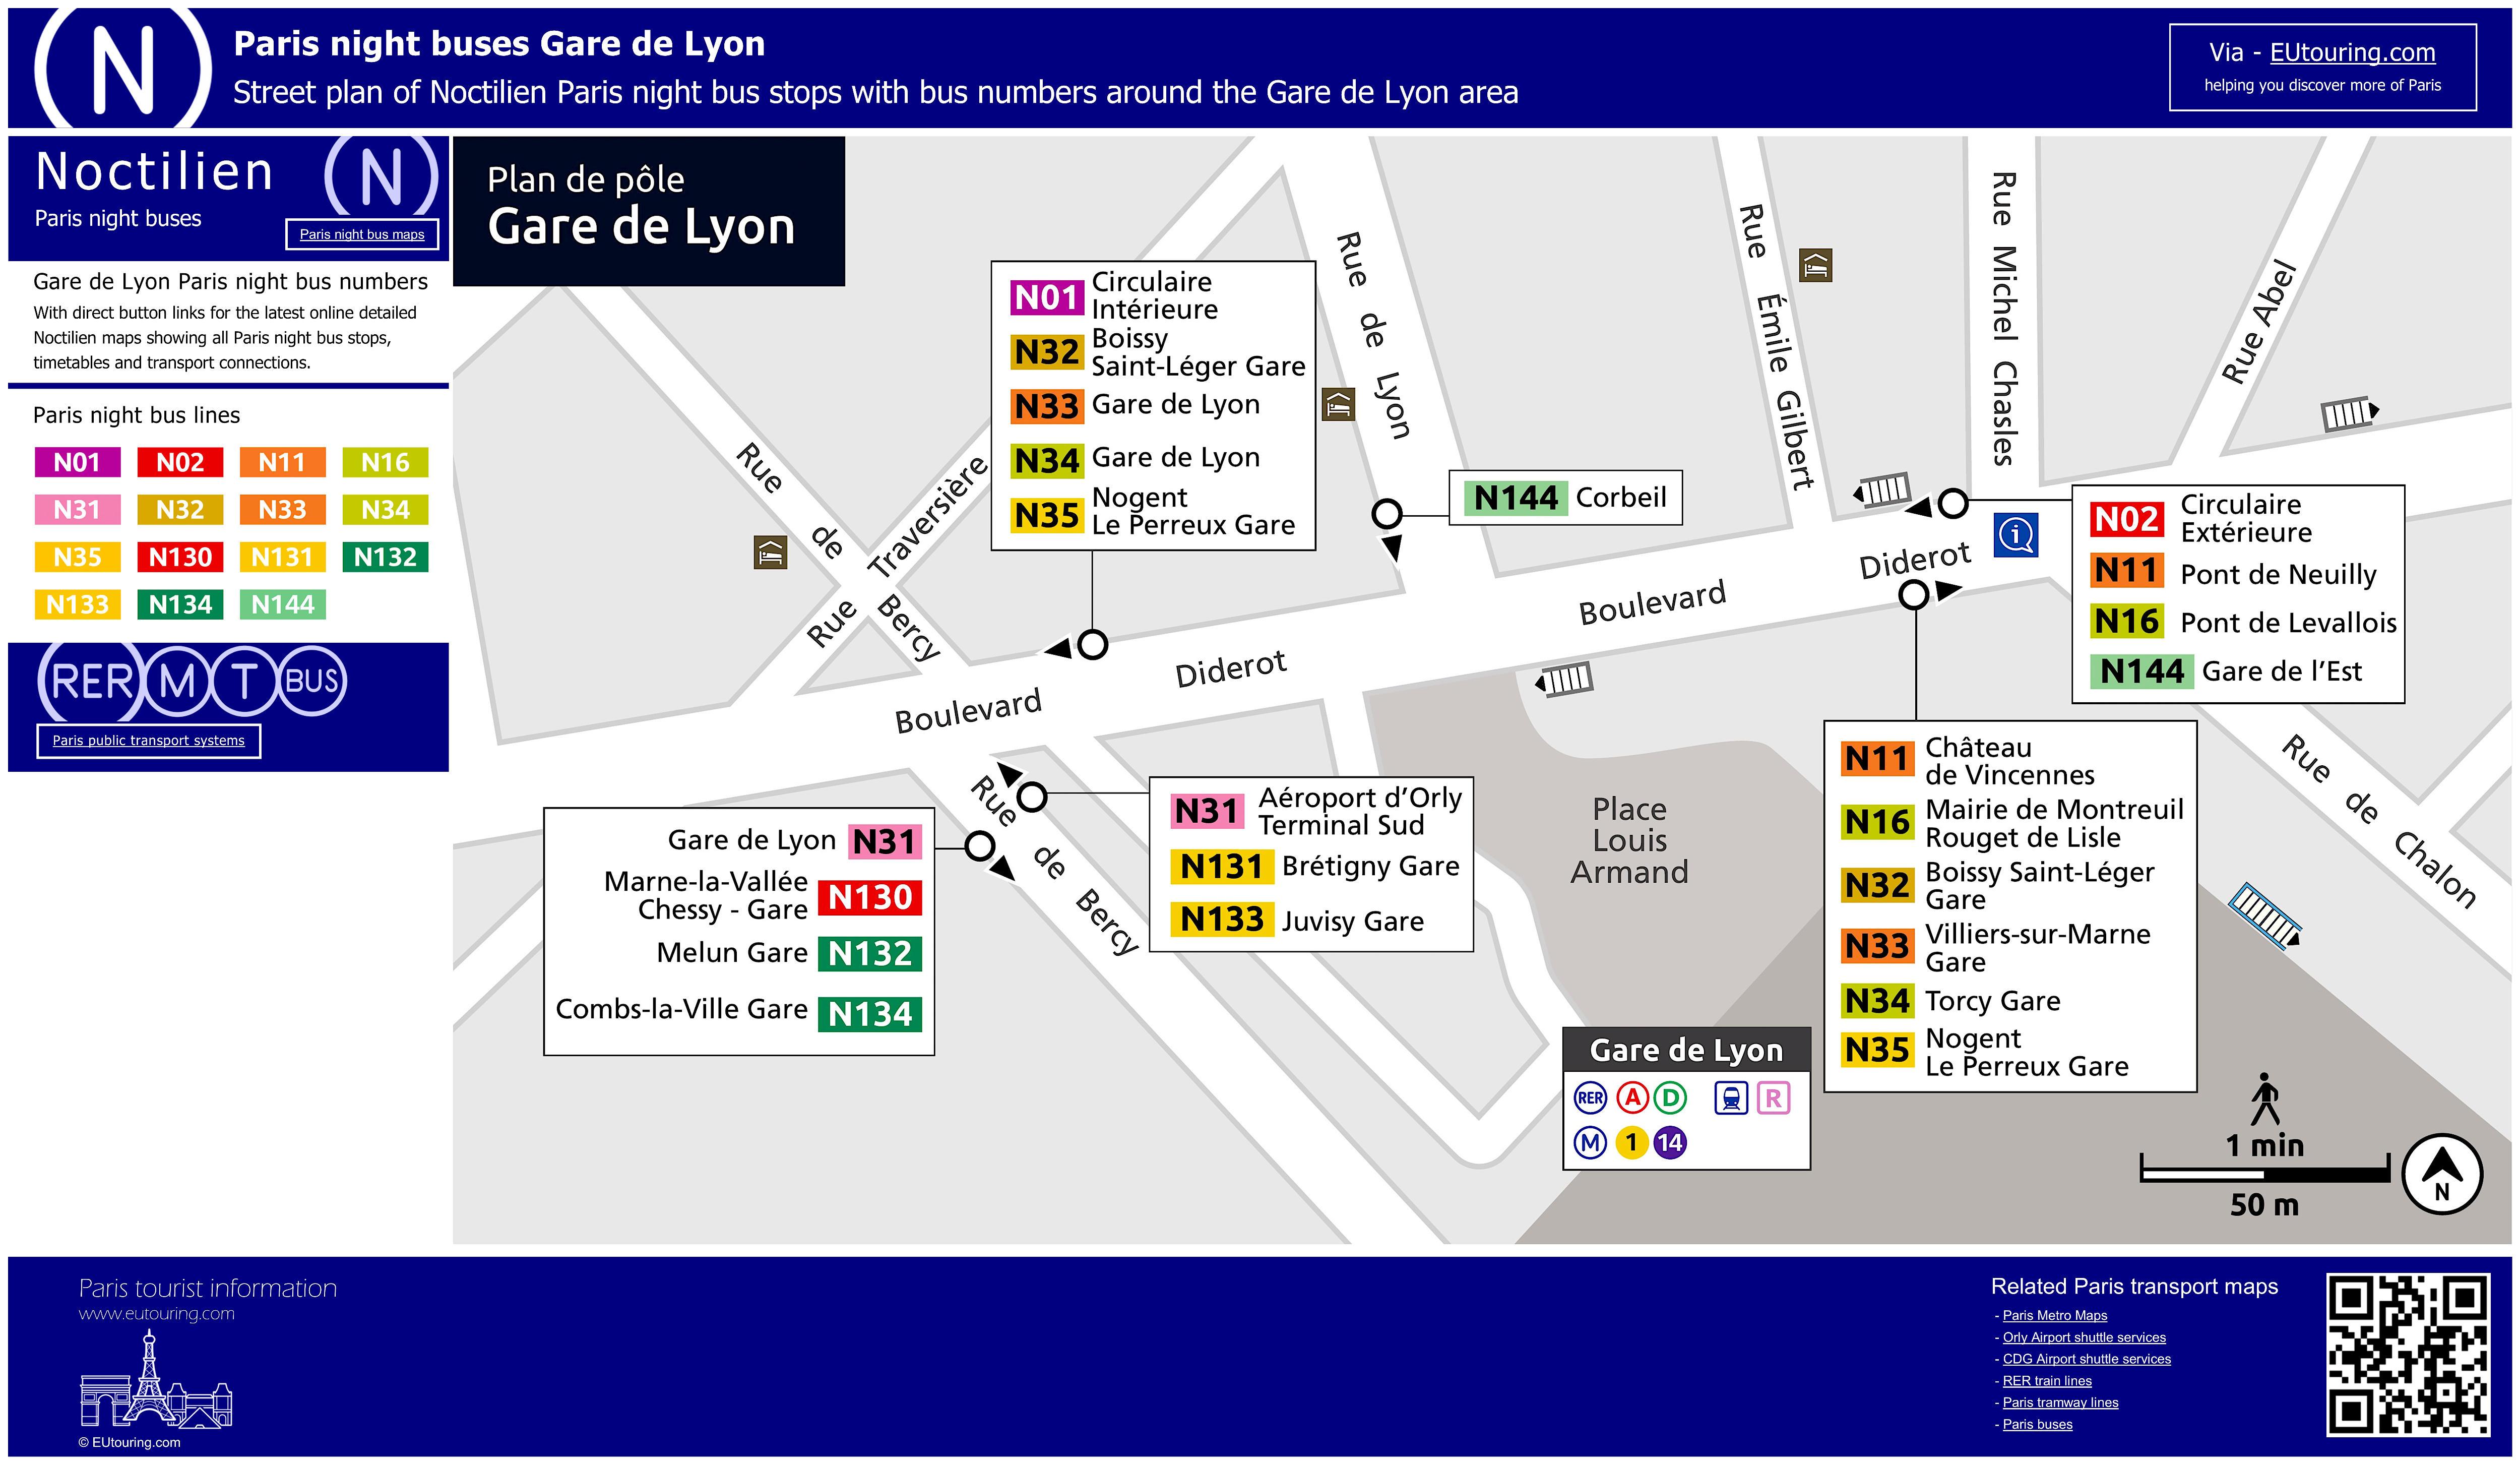 Noctilien bus maps and timetables for Paris night buses ... on arc de triomphe map, wenceslas square map, argentina map, the london underground map, vincennes map, champ de mars map, paris map, lyon france metro map, lyon train station map, europe map, ville de lyon map,